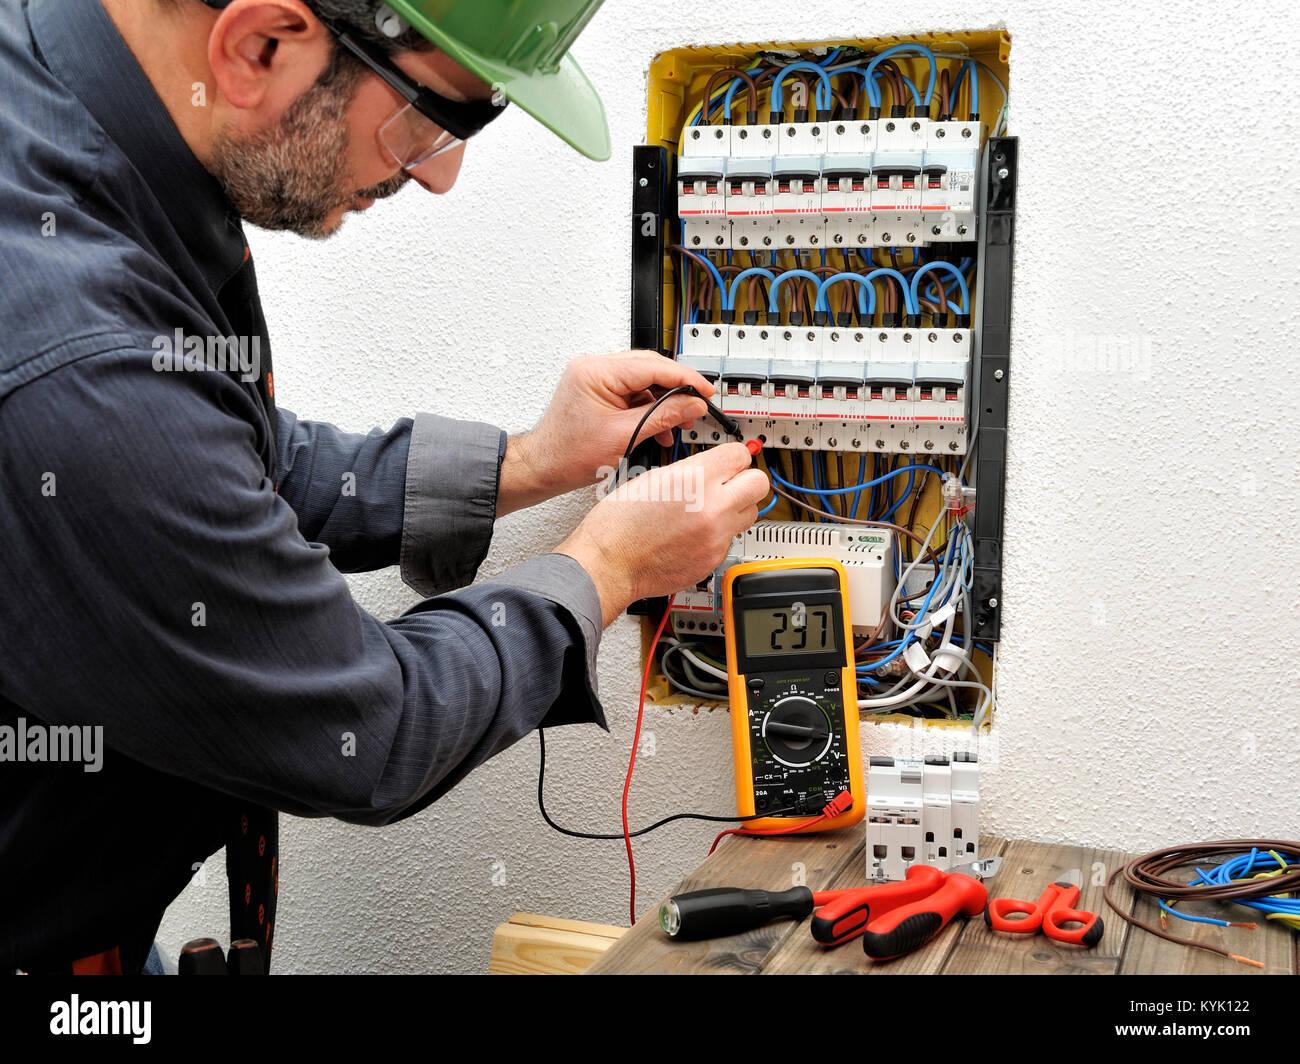 Elettricista tecnica misura la tensione di un interruttore di circuito di una zona residenziale il pannello elettrico Immagini Stock